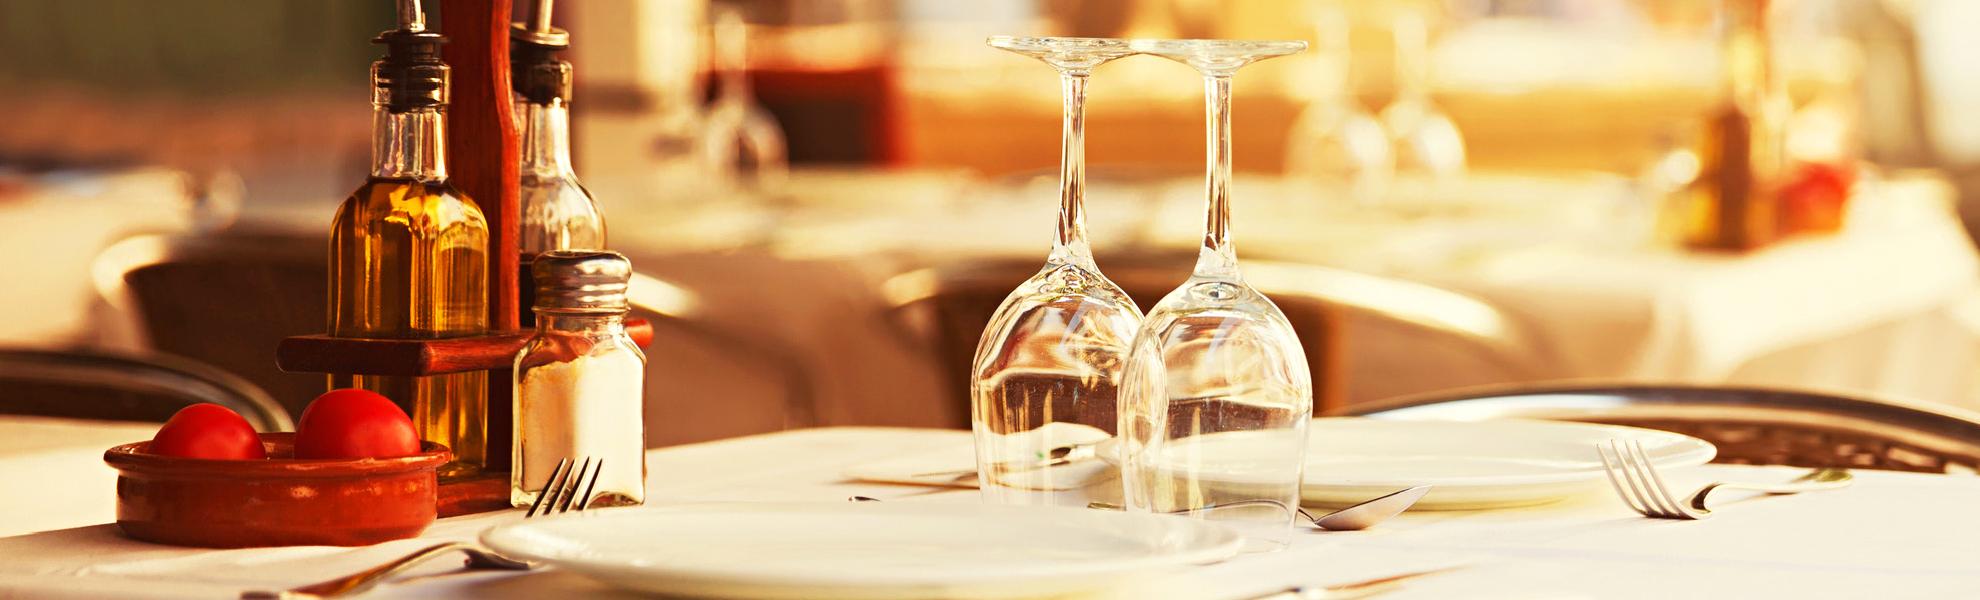 Restaurant Top